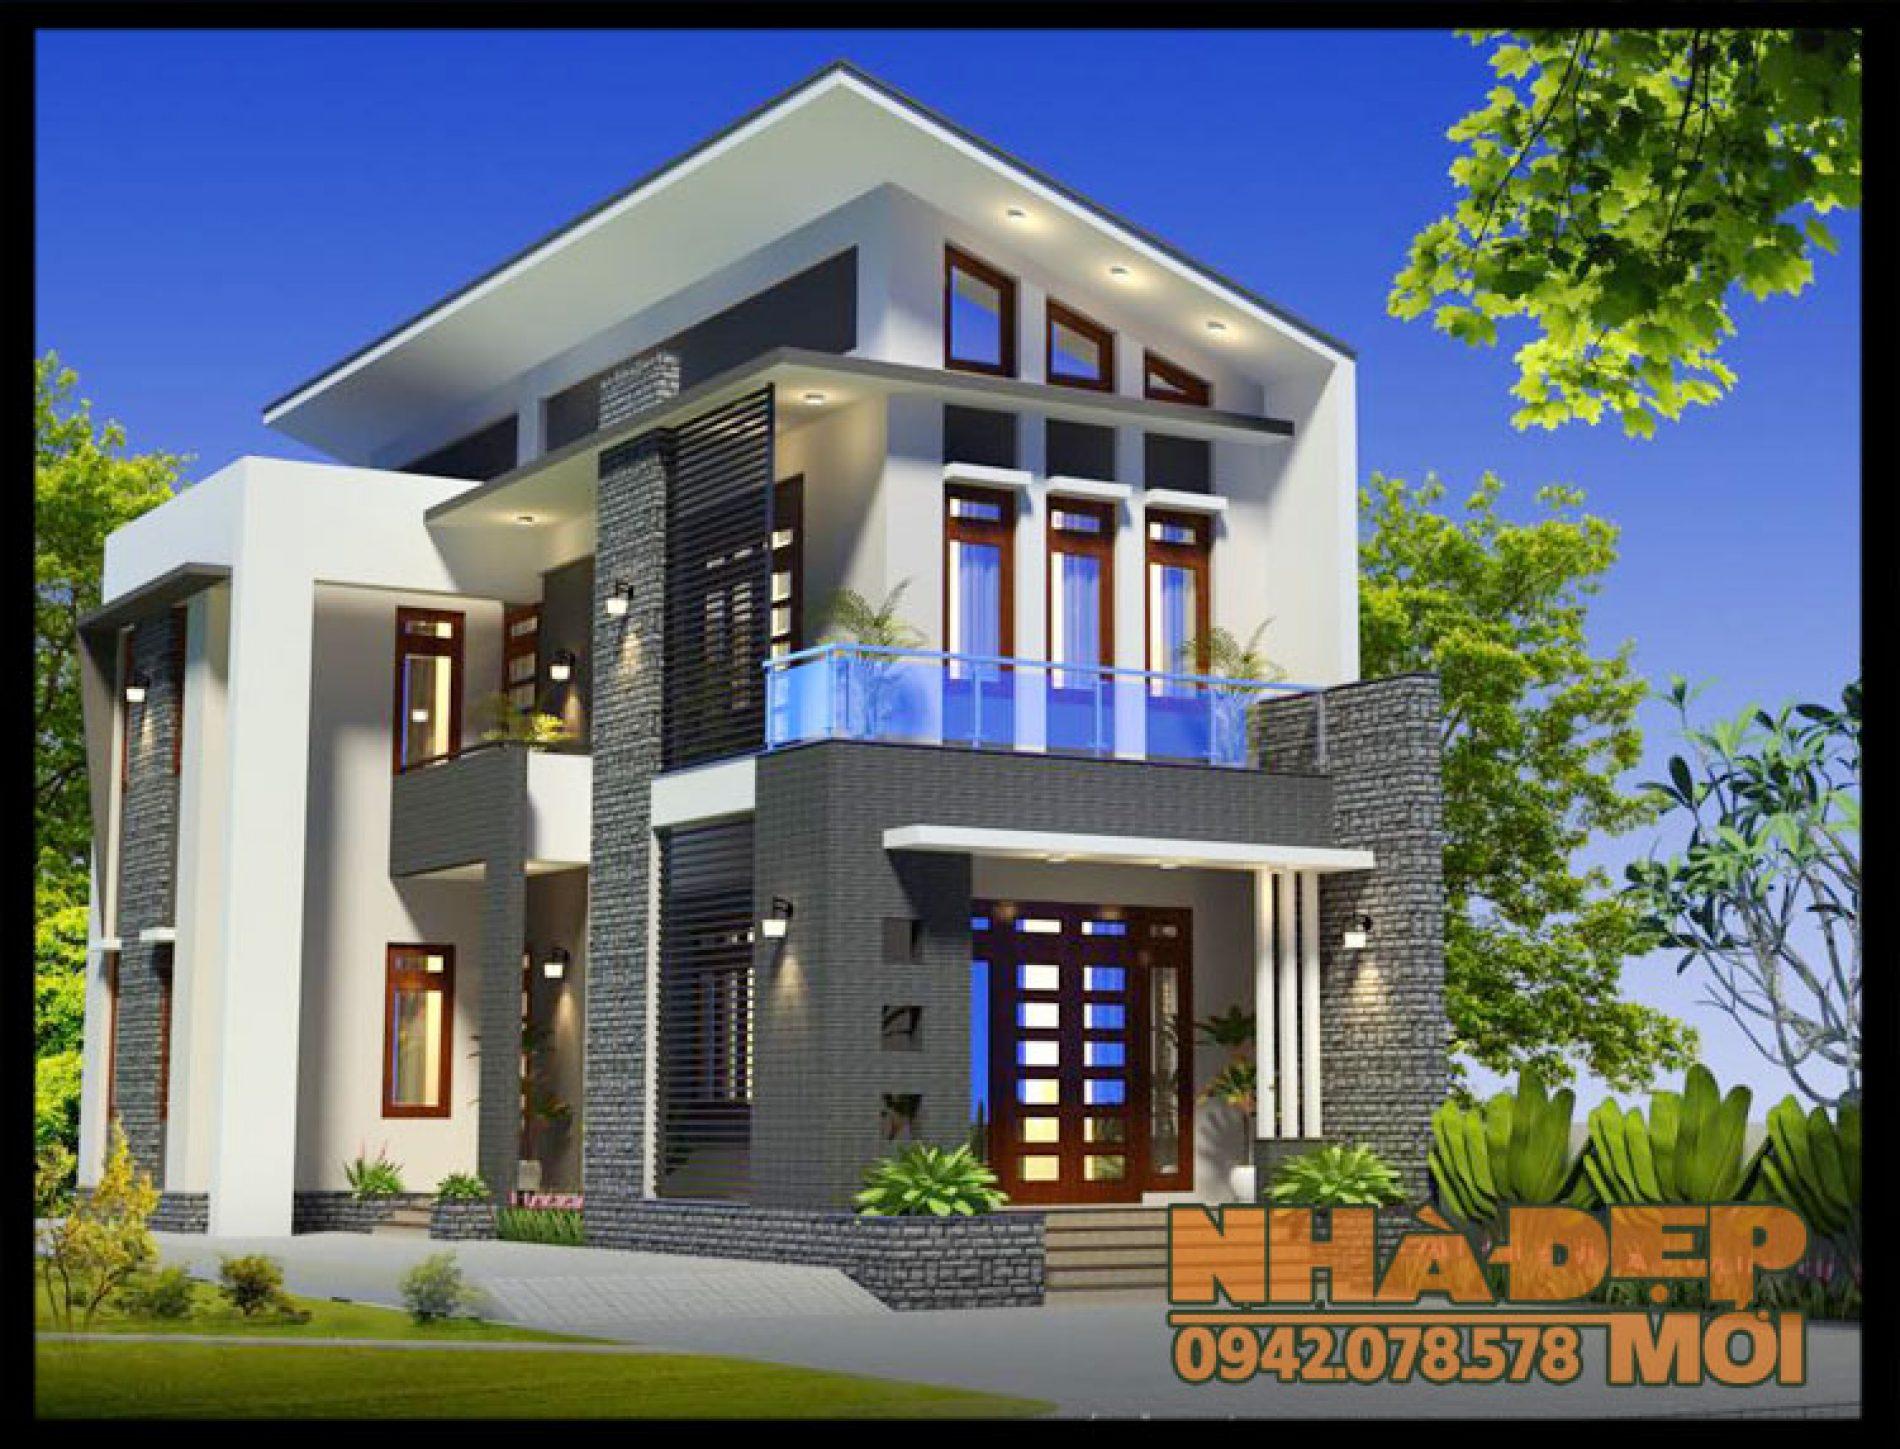 Mẫu nhà 2 tầng mái lệch 8x20m tuyệt đẹp qua mỹ thuật không gian cuốn hút-VNP180417